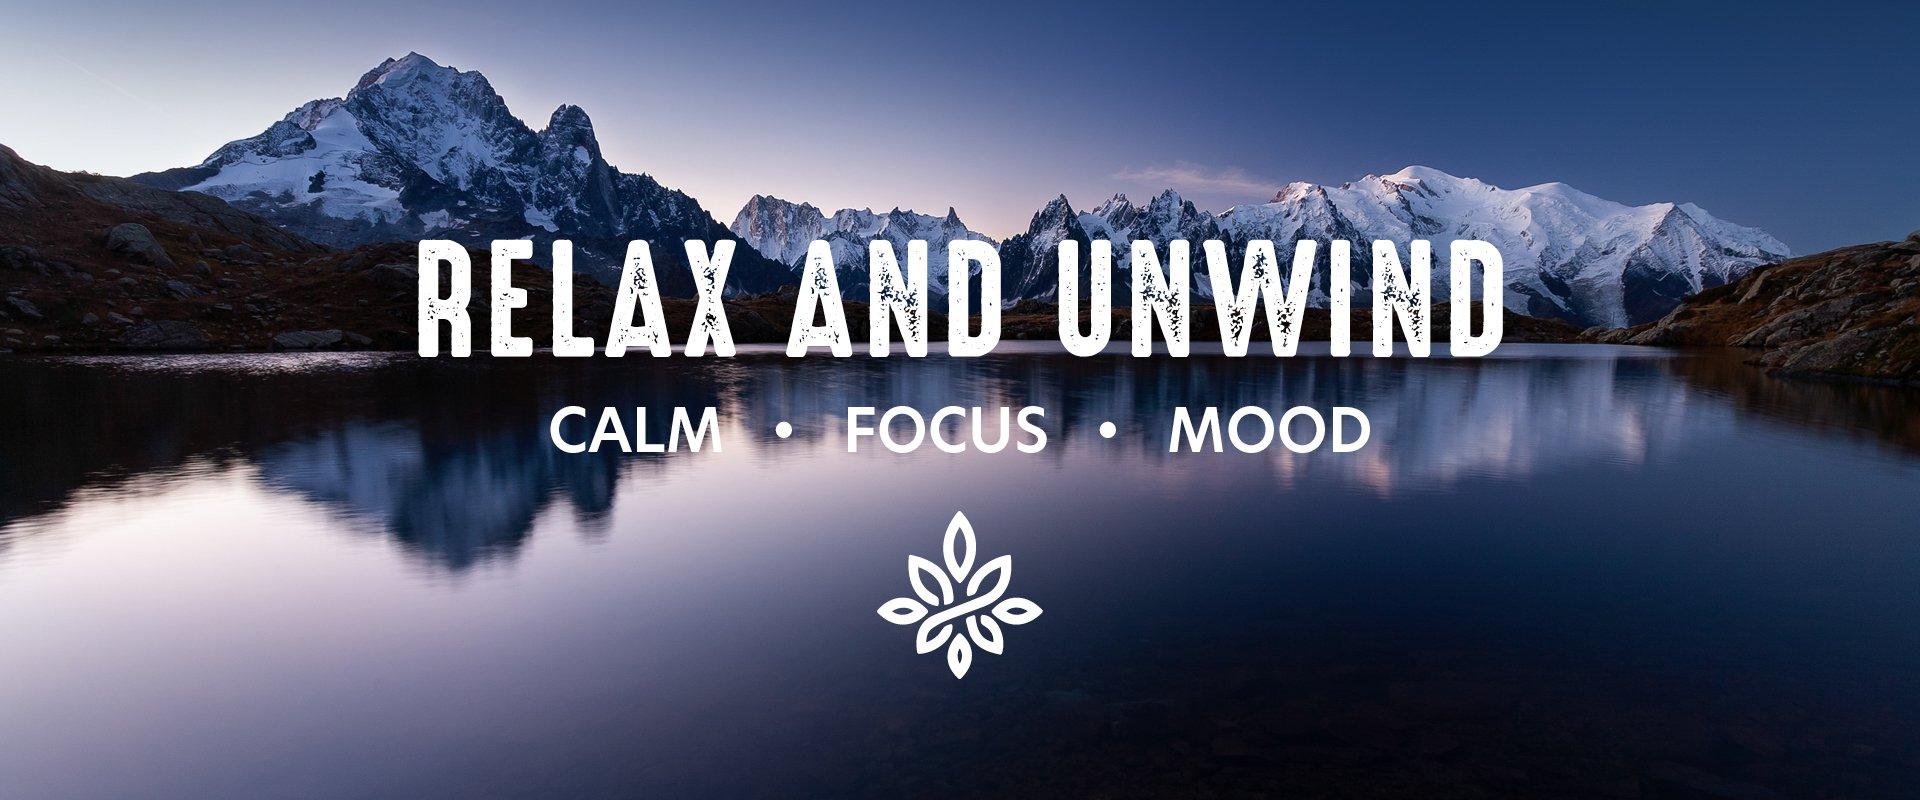 HighKind – Relax & Unwind Banner 1920x800px